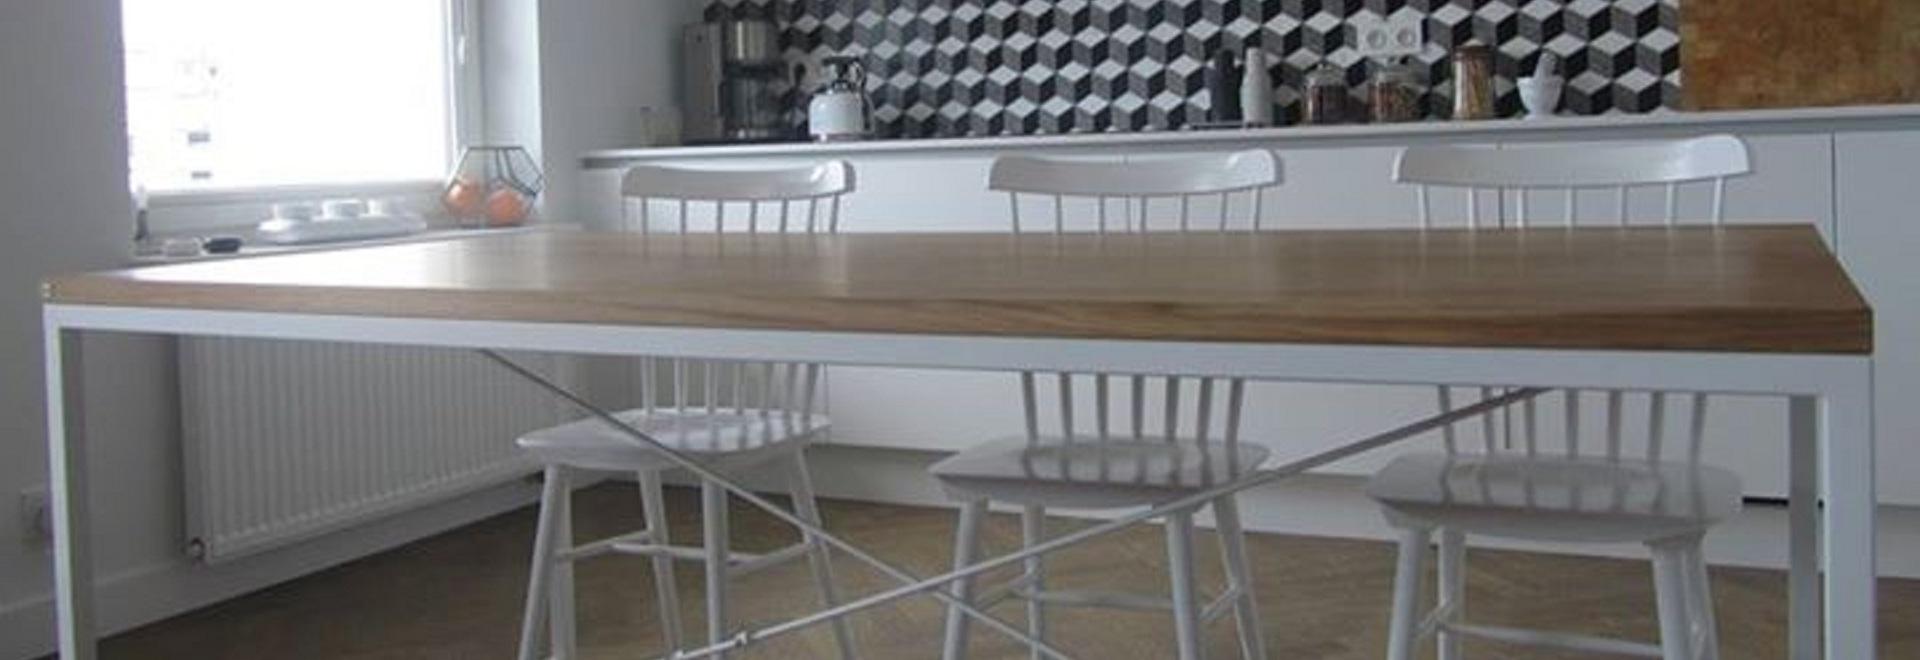 Faszinierend Küche Industriedesign Foto Von Das Der Tabelle Montana Im Hellen Wersion